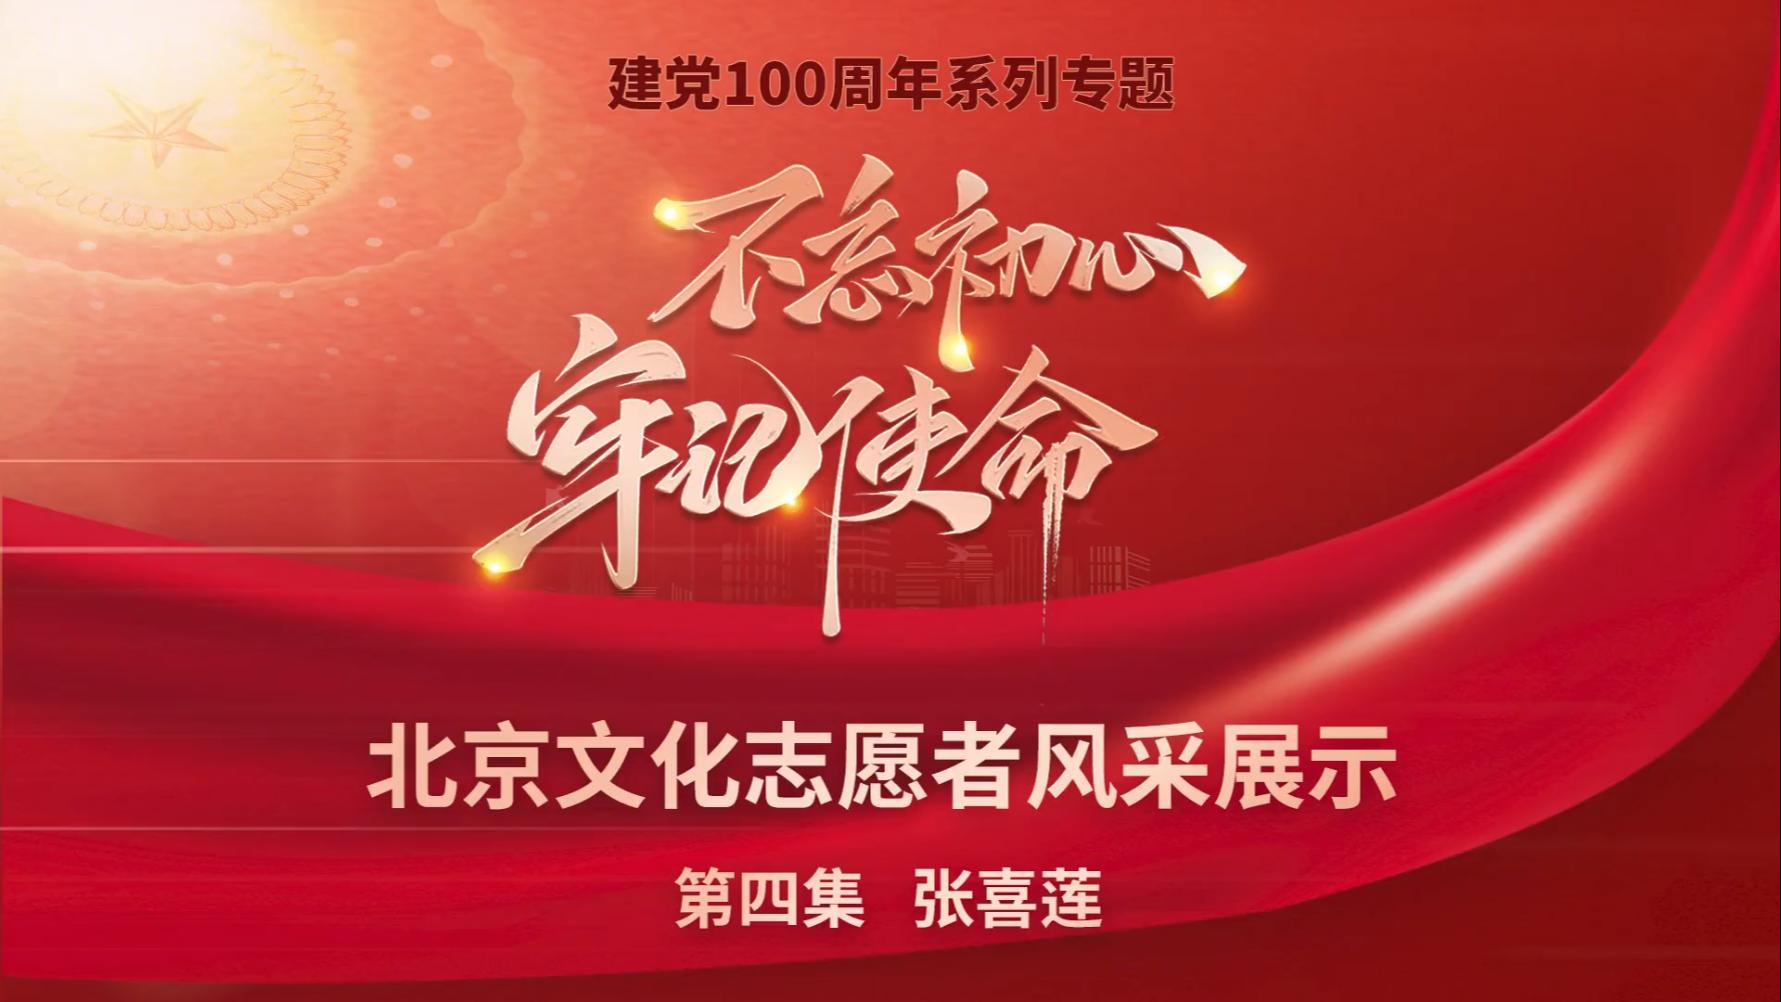 北京文化志愿者風采展示—張喜蓮